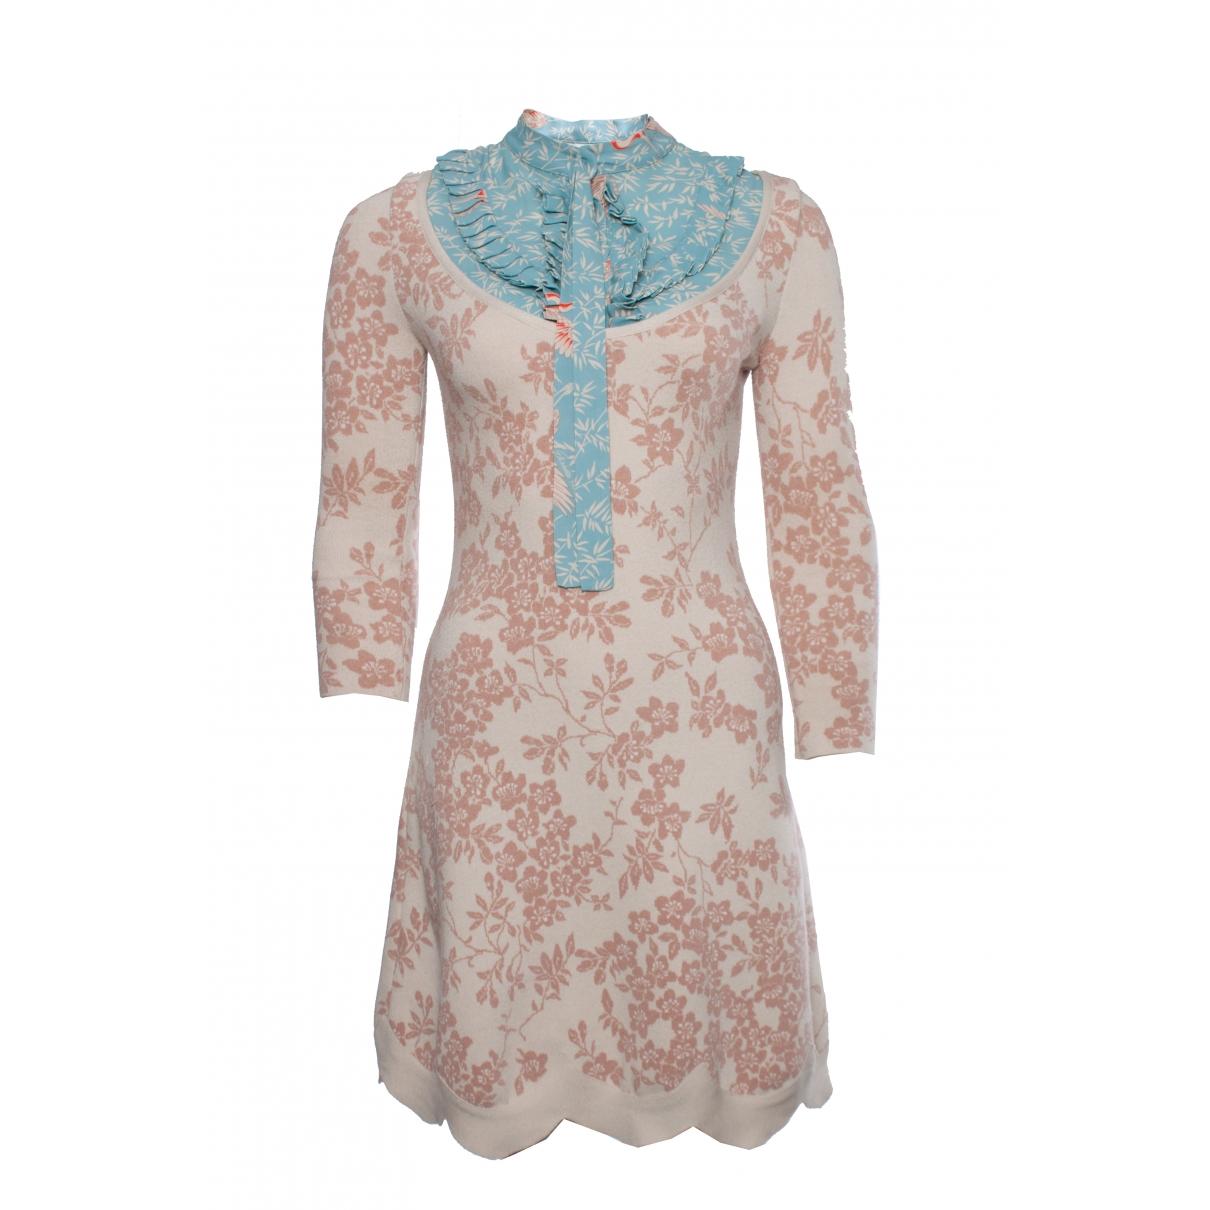 Elisabetta Franchi \N Beige dress for Women 40 IT